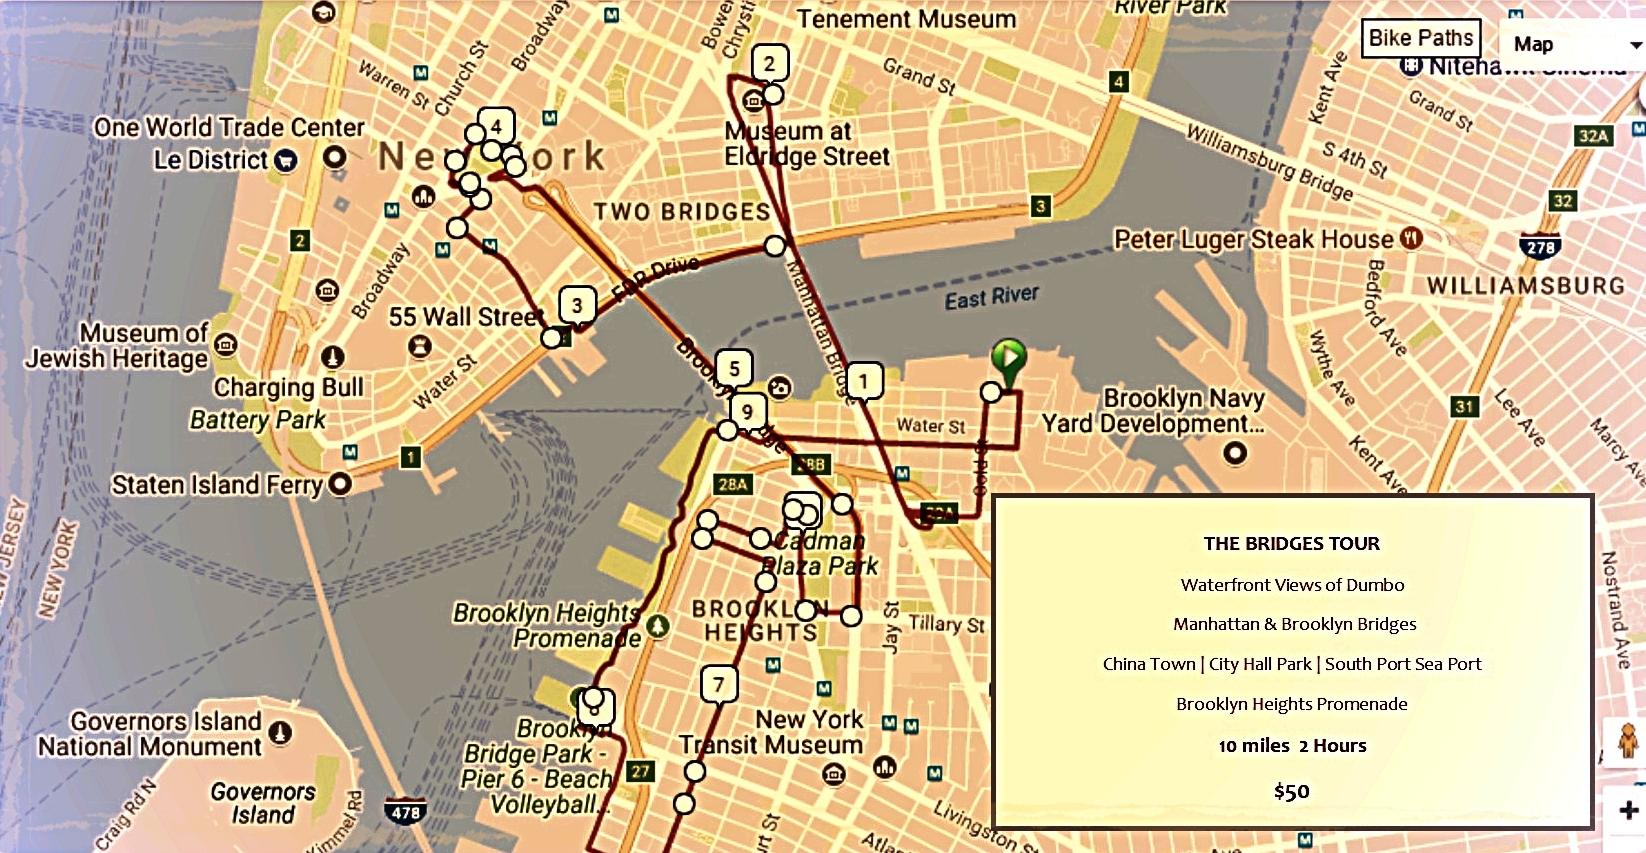 TOUR MAP - BRIDGES TOUR.jpg